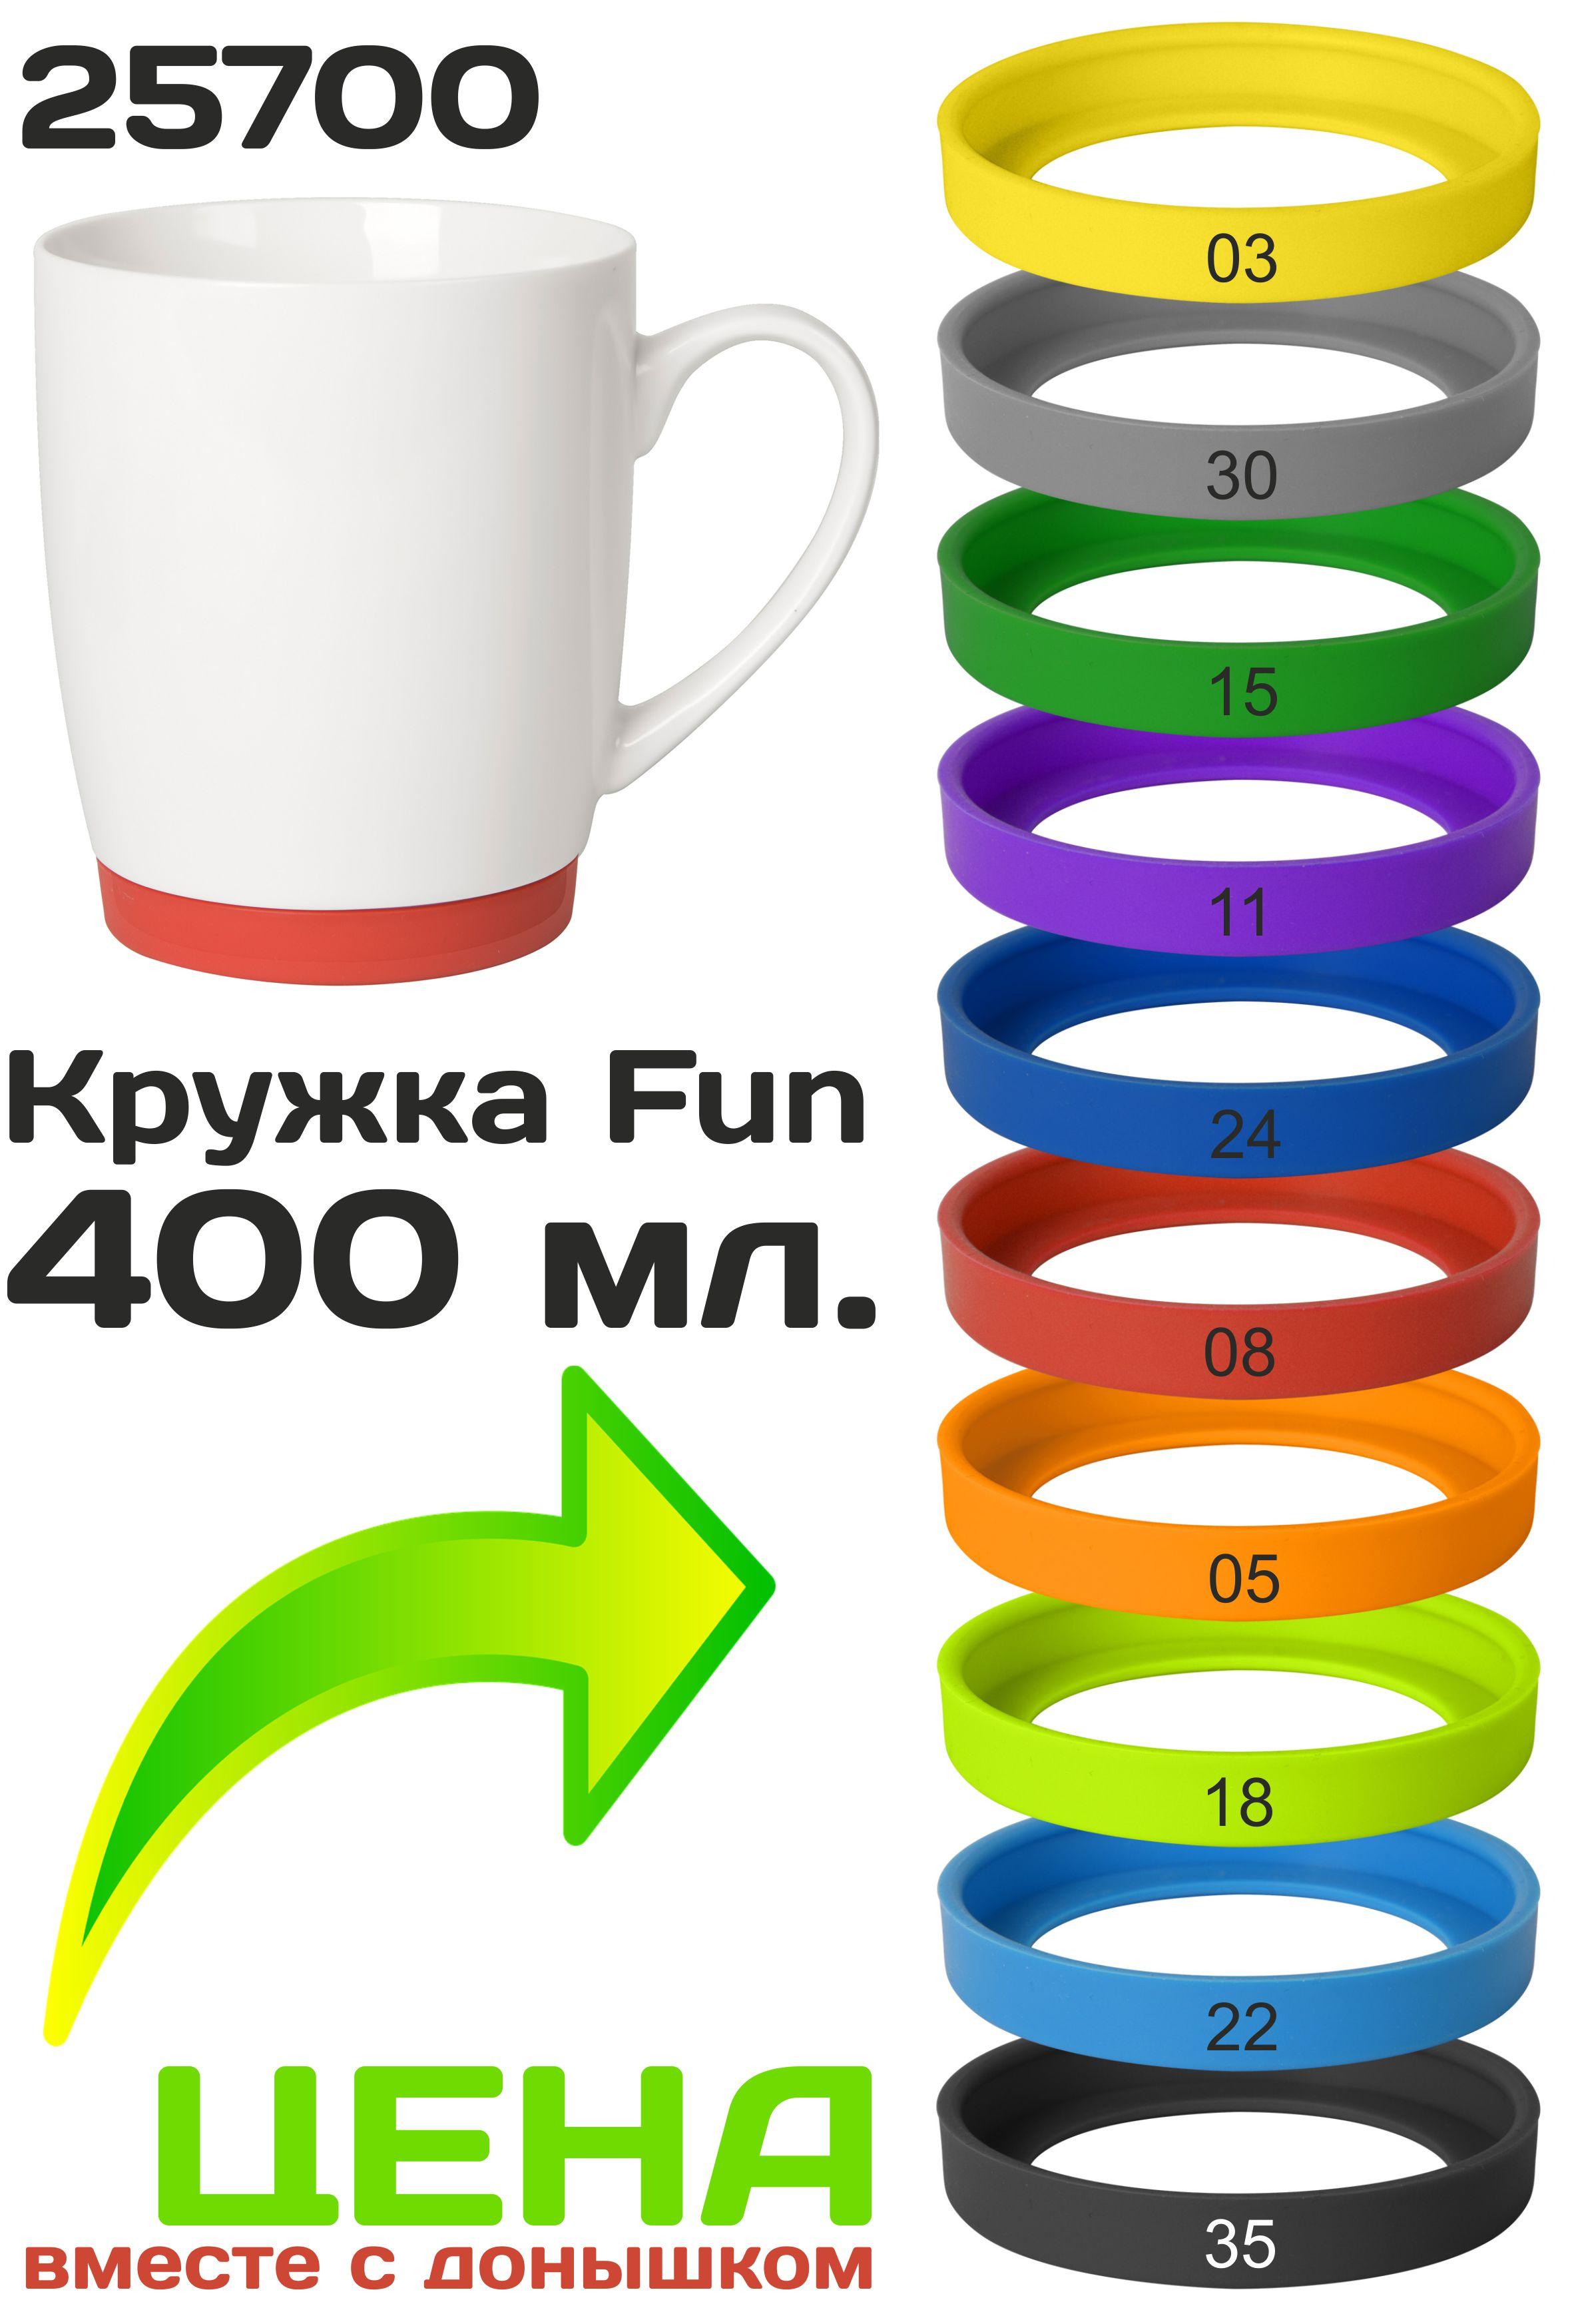 заказать белые кружки Fun с цветным силиконовым донышком